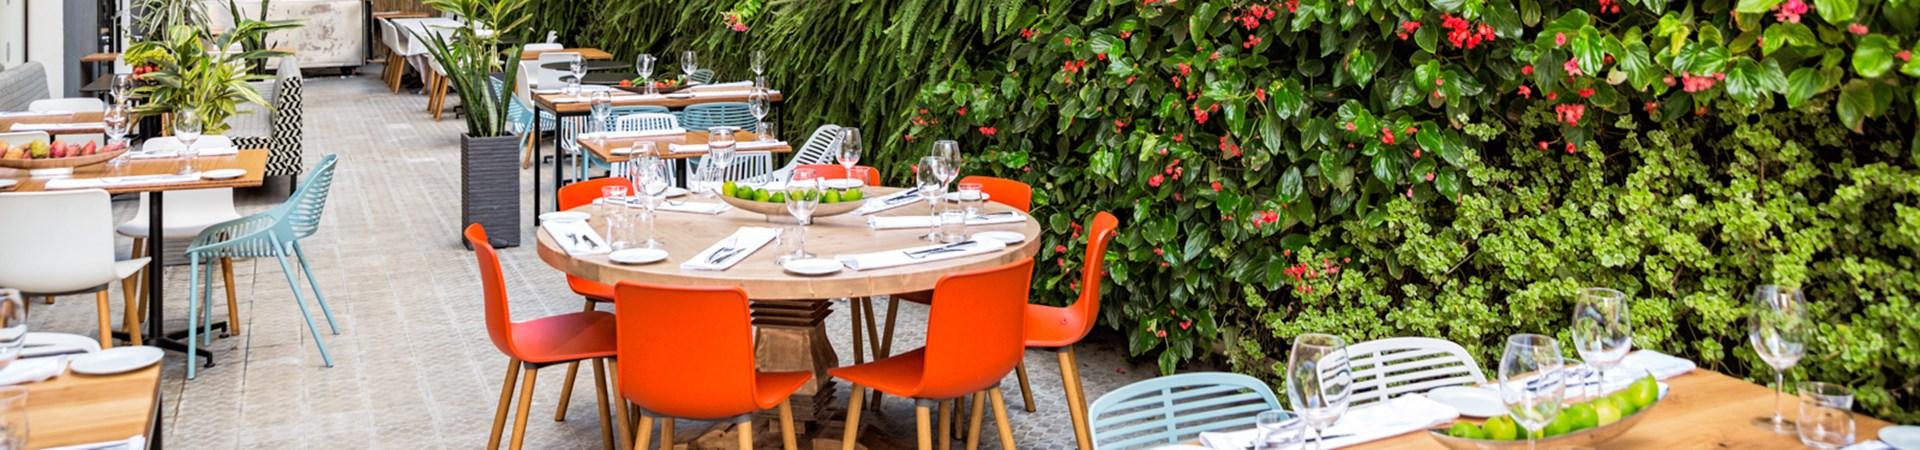 מסעדת מאפו של השף ניר צוקמסעדת מאפו